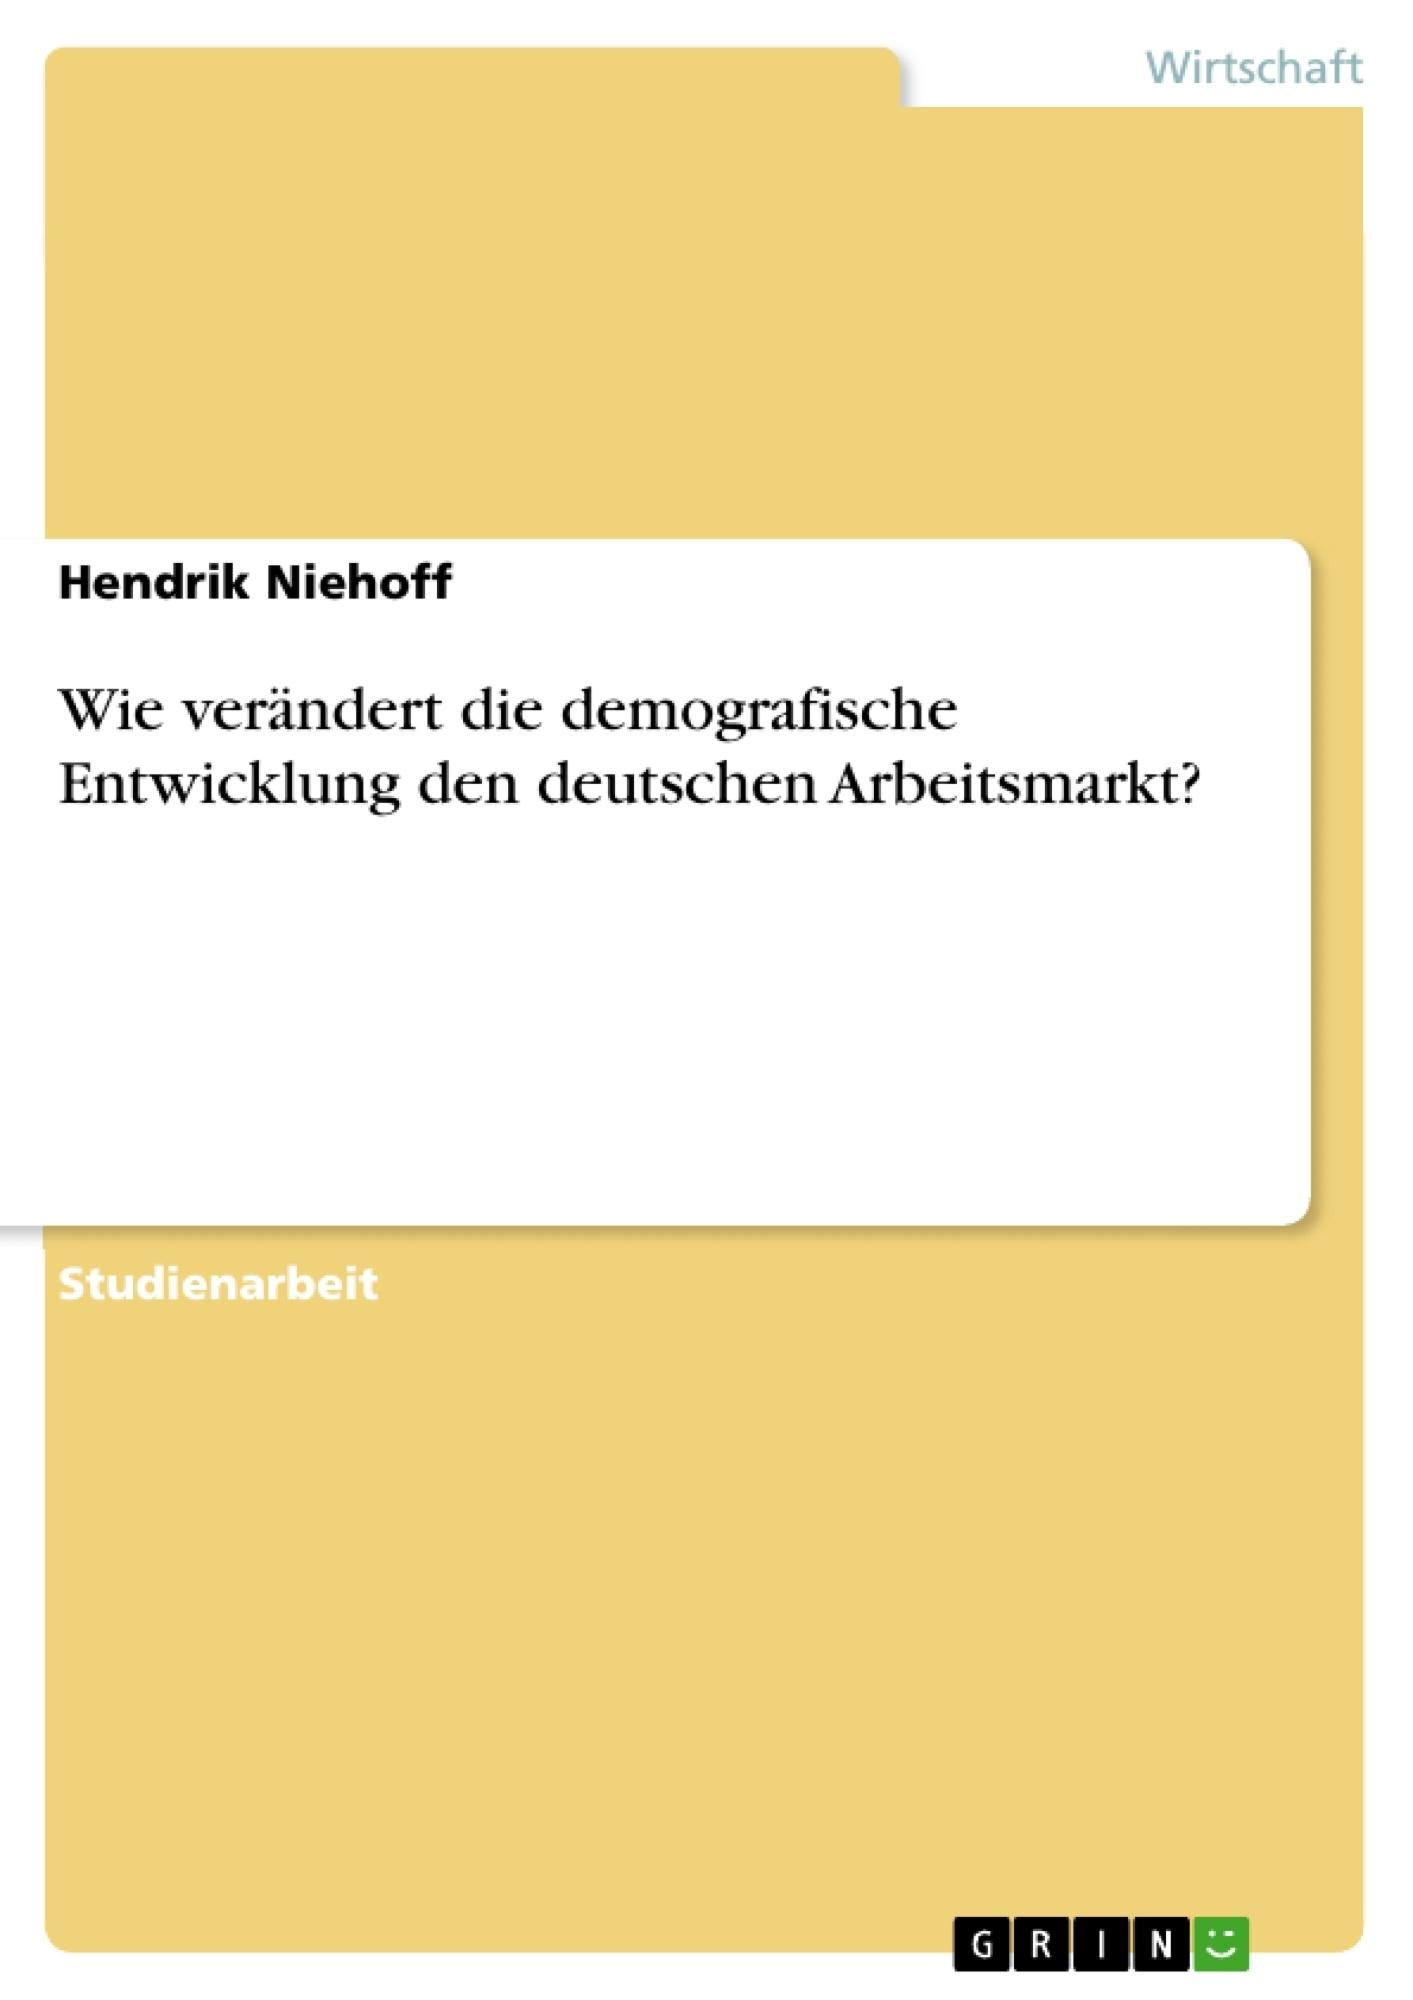 Titel: Wie verändert die demografische Entwicklung den deutschen Arbeitsmarkt?